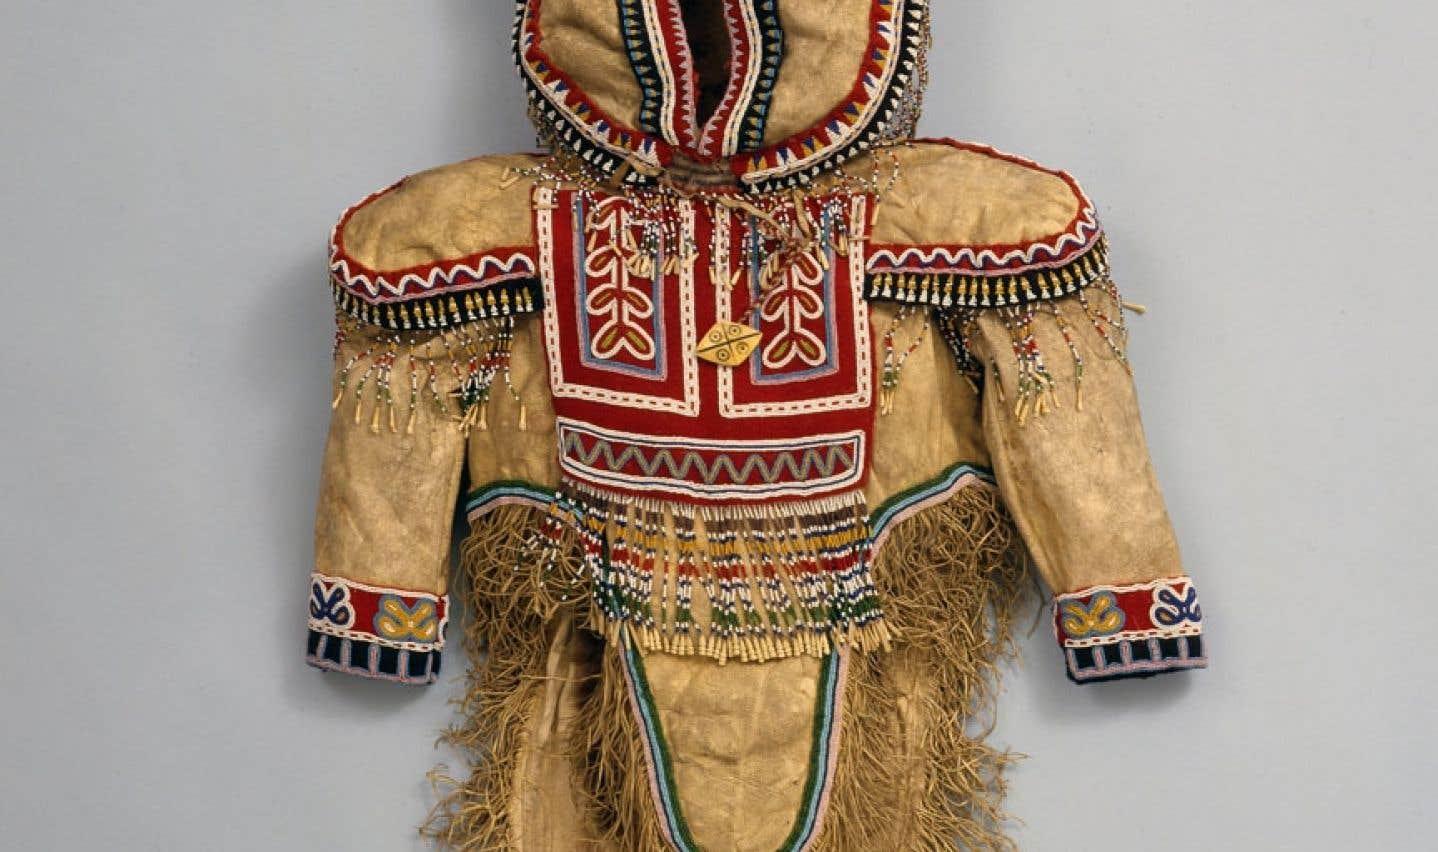 Porter son identité est une exposition qui, à travers les vêtements, présente divers aspects des cultures autochtones.